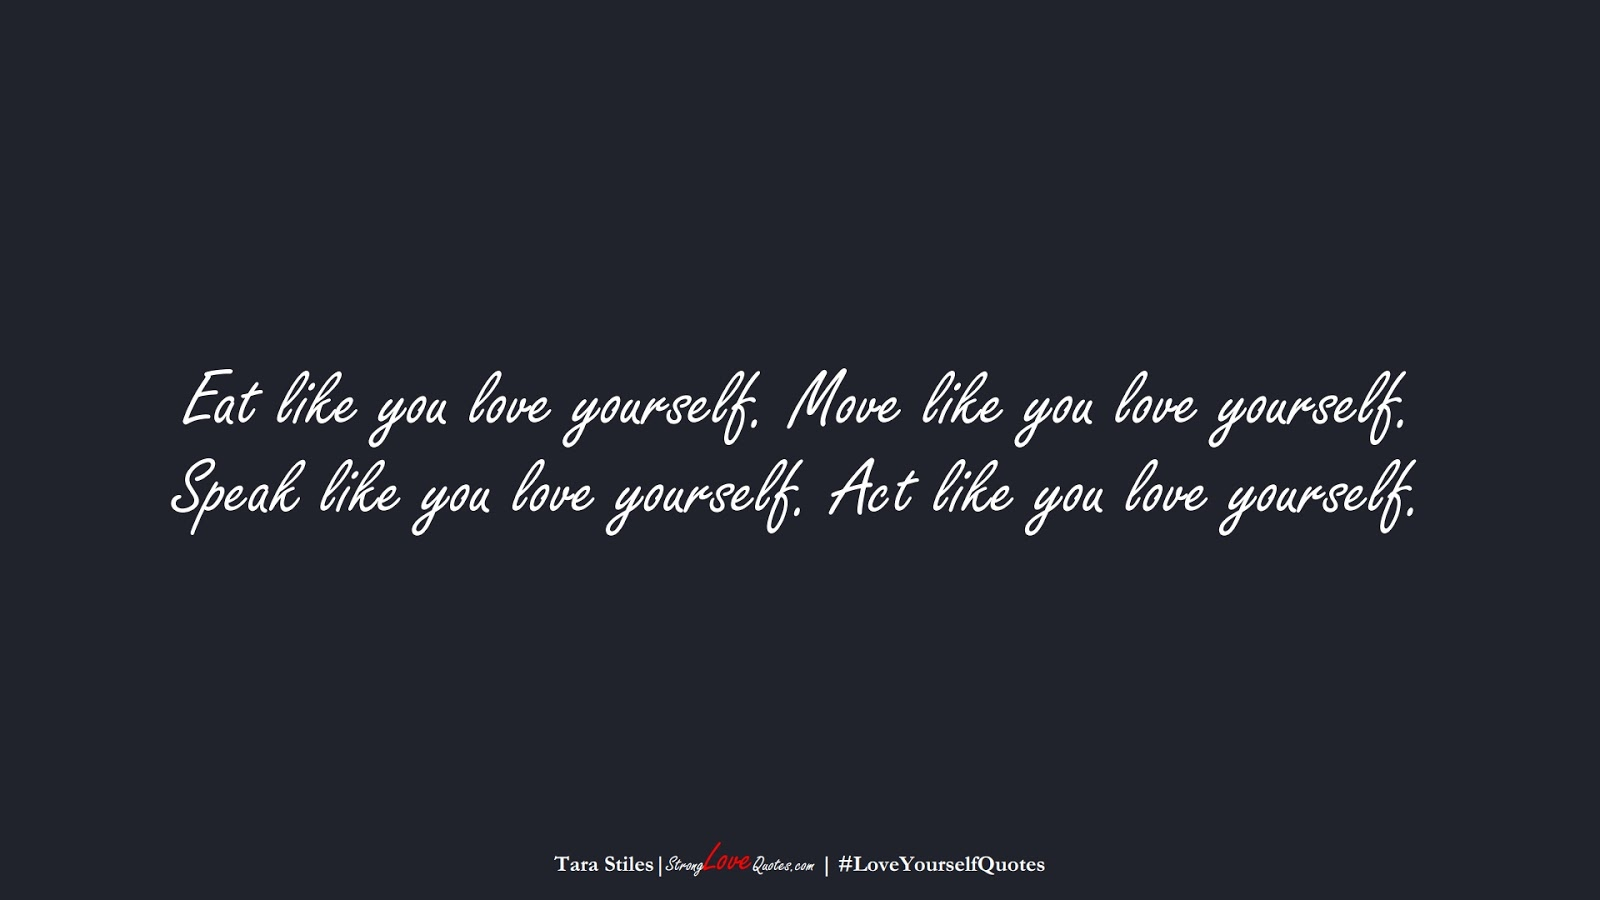 Eat like you love yourself. Move like you love yourself. Speak like you love yourself. Act like you love yourself. (Tara Stiles);  #LoveYourselfQuotes